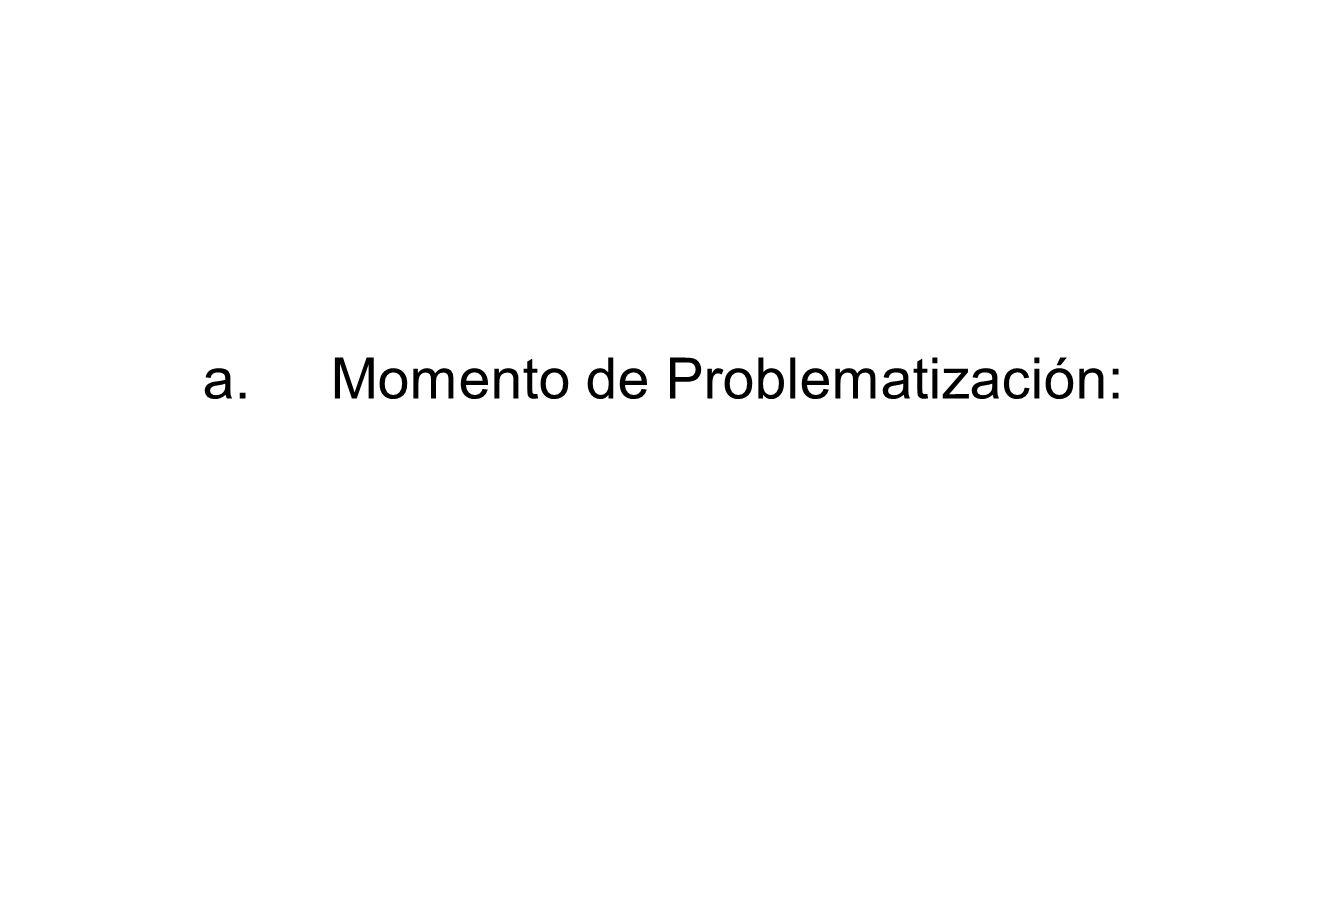 a. Momento de Problematización: